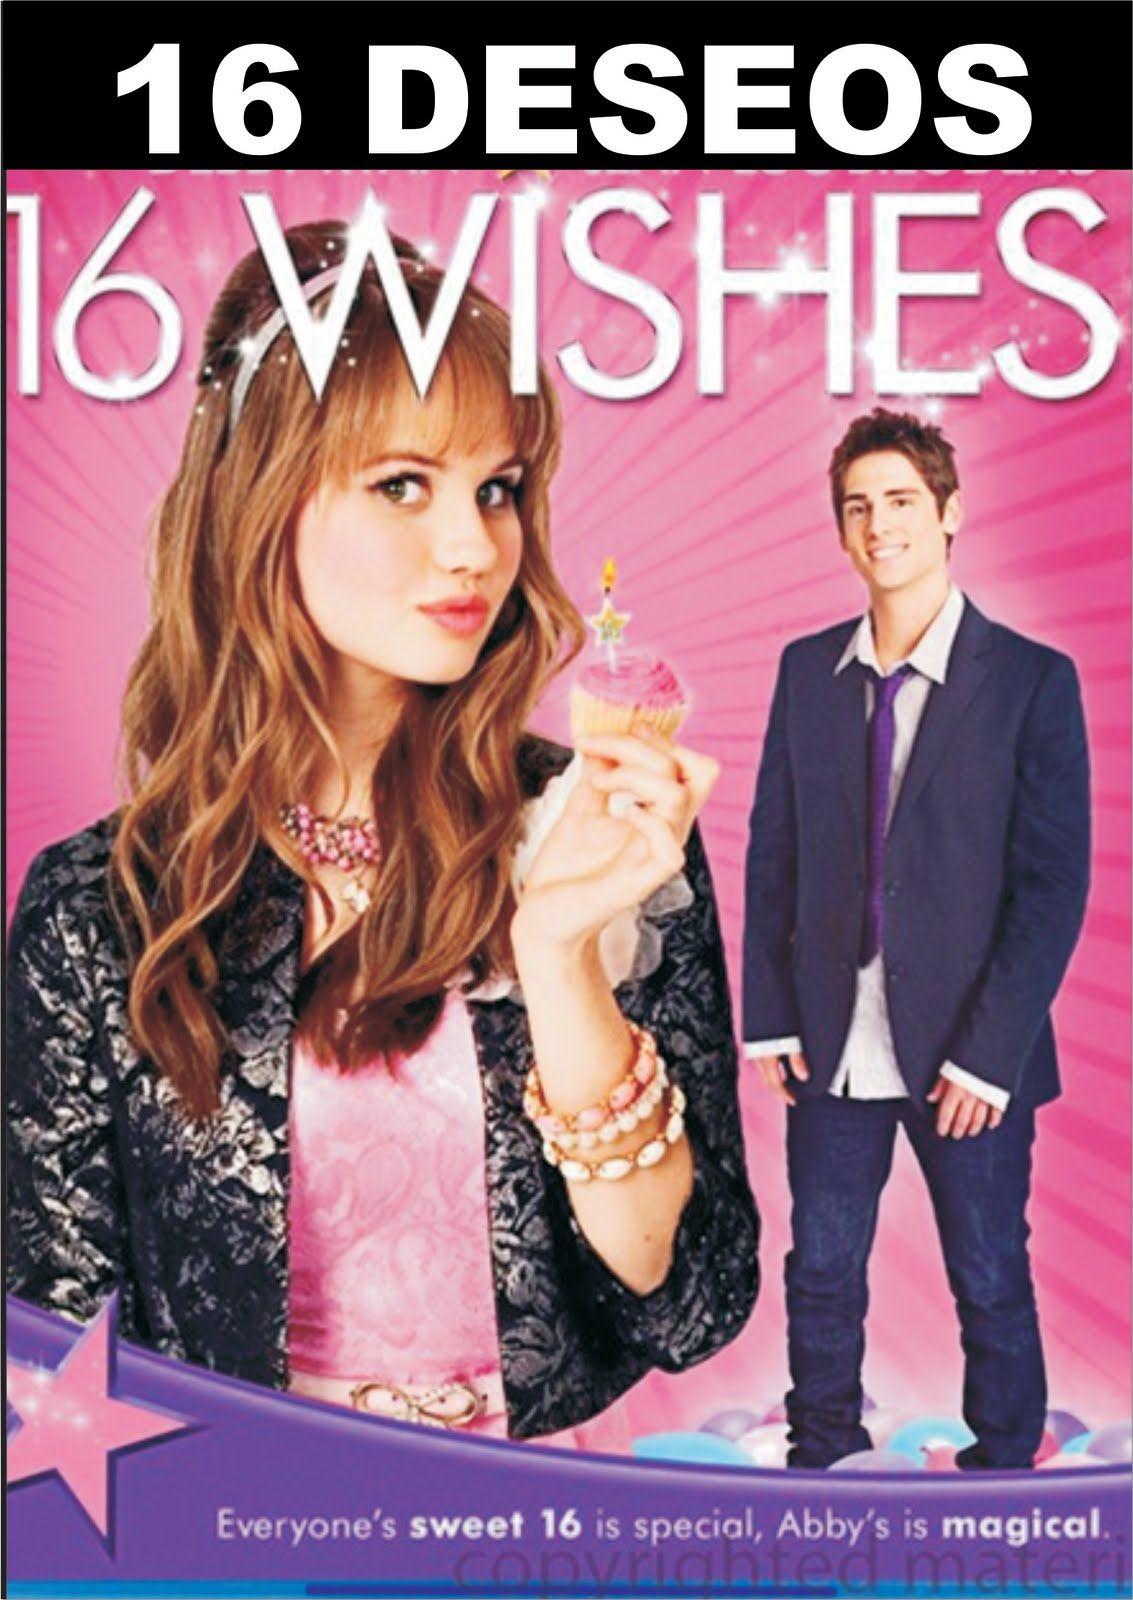 16 Deseos Pelicula Para Ninos Y Adolescentes Echa Por Disney Peliculas De Adolecentes Peliculas Viejas De Disney Peliculas